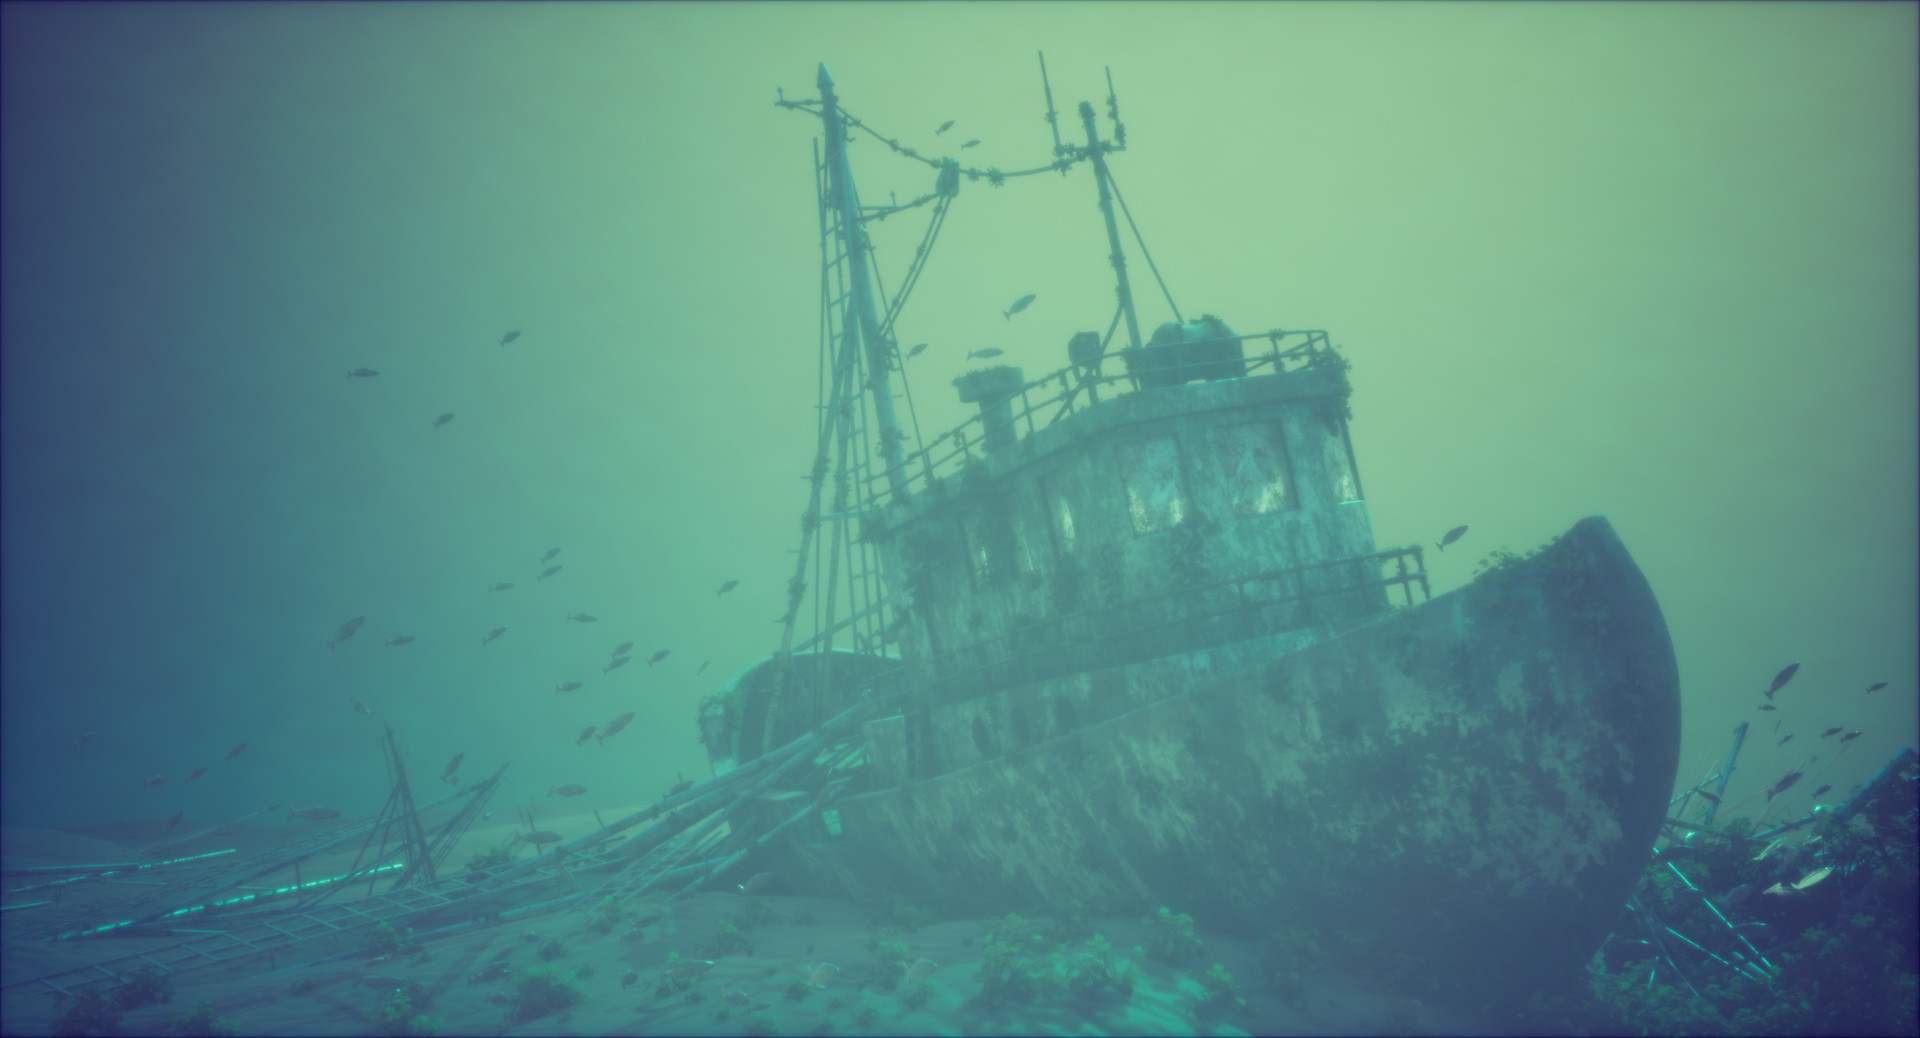 Sunken ships: Making seascapes look cool |Sunken Ships Underwater